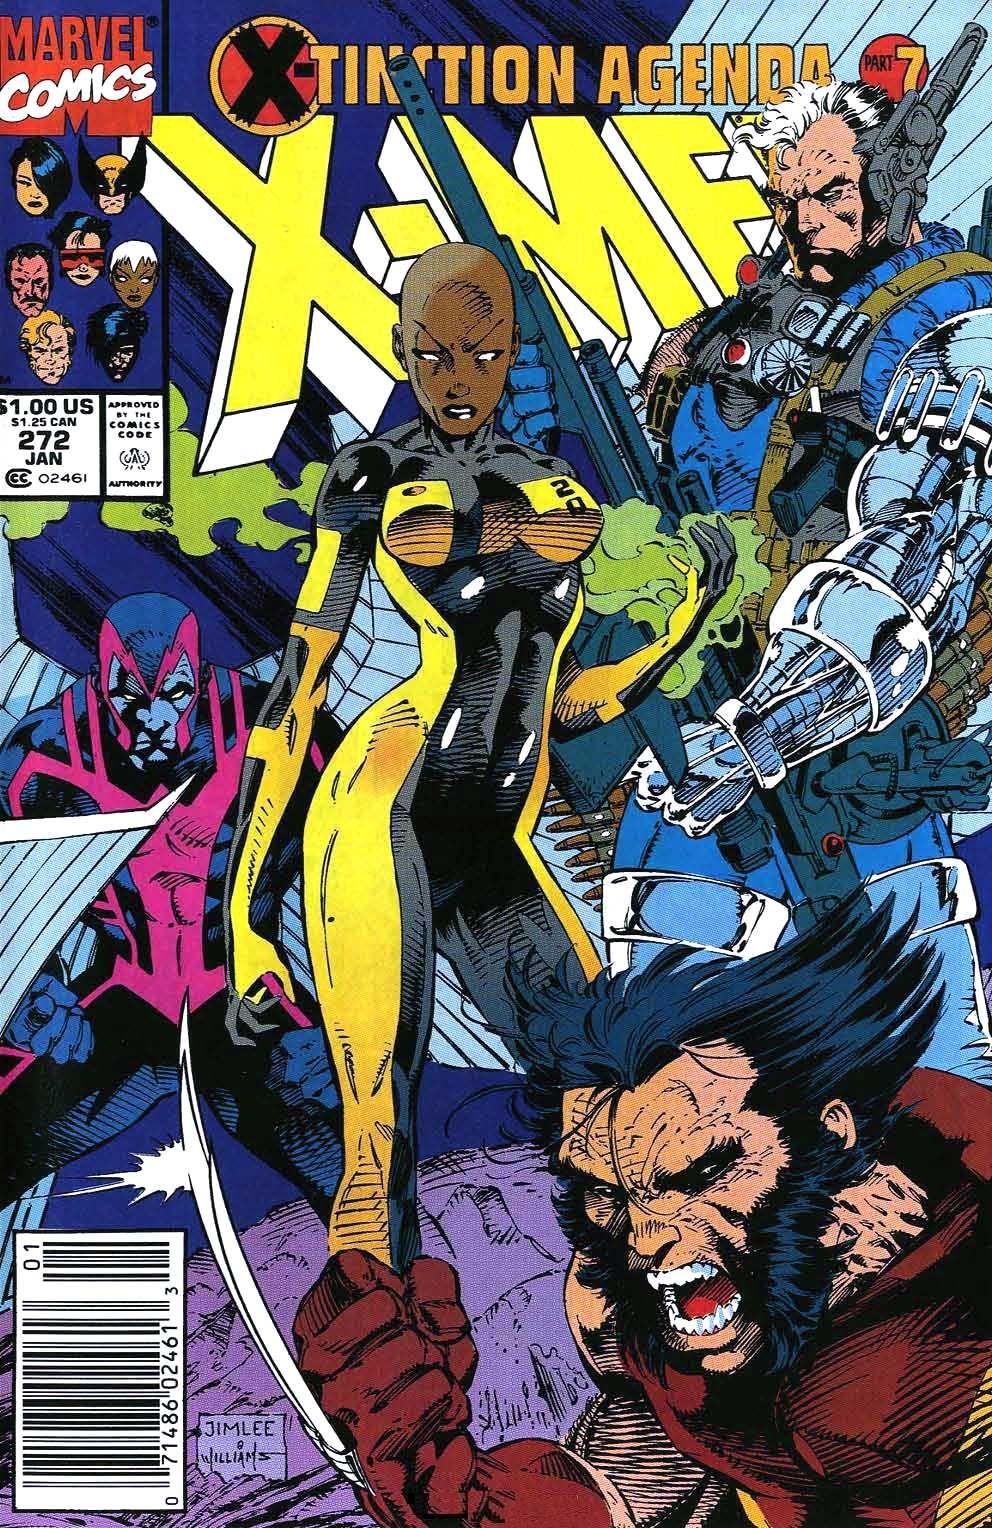 Uncanny X Men Vol 1 272 Jim Lee Art Marvel Comics Covers Comic Covers